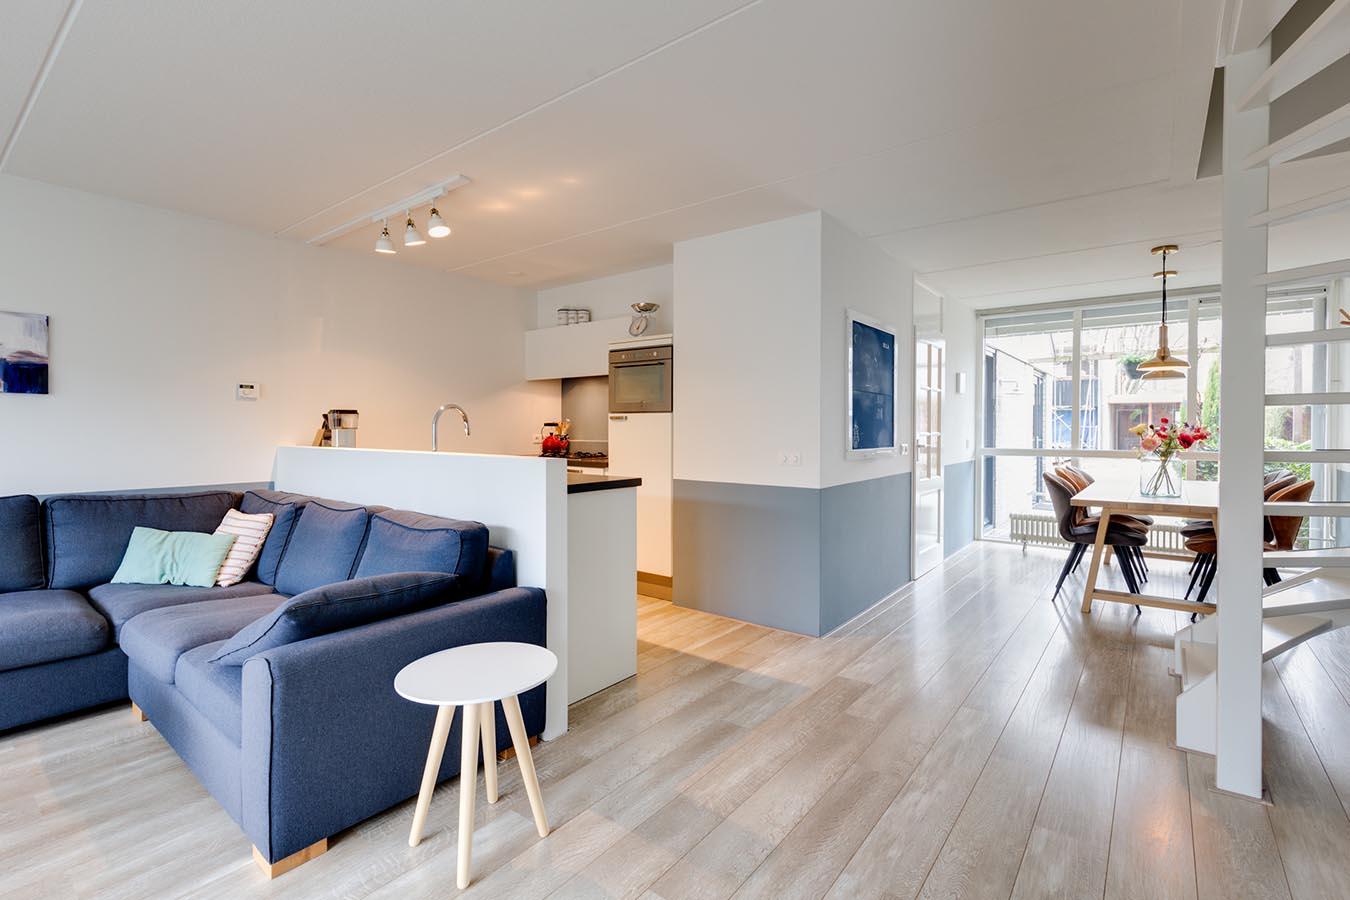 woonkeuken en ruime woonkamer